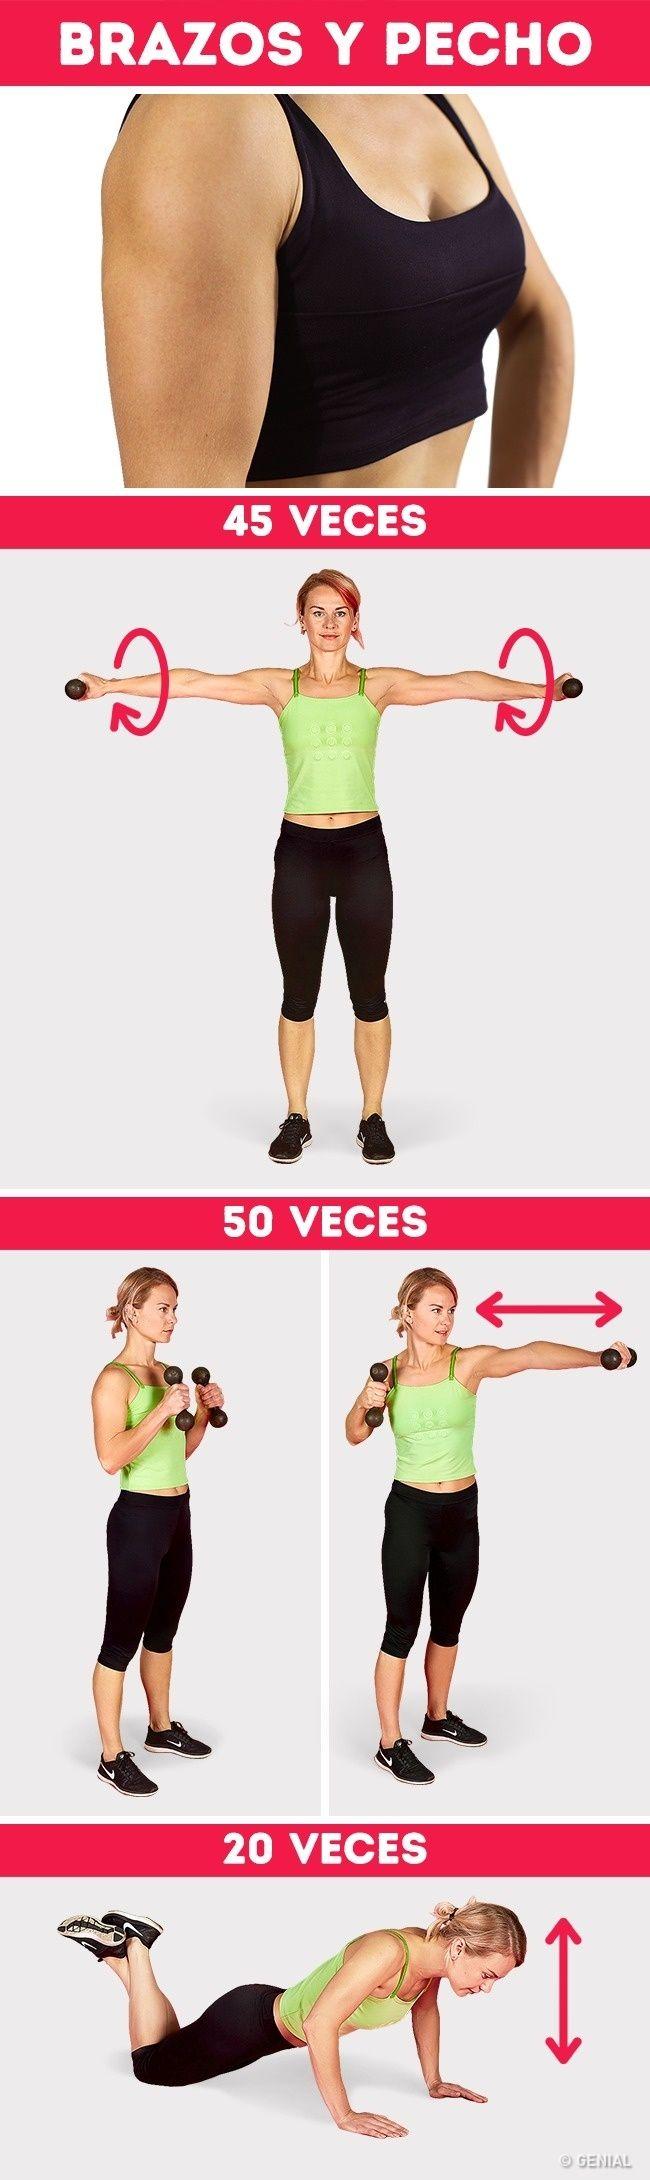 Obedece a tu cuerpo bajar de peso